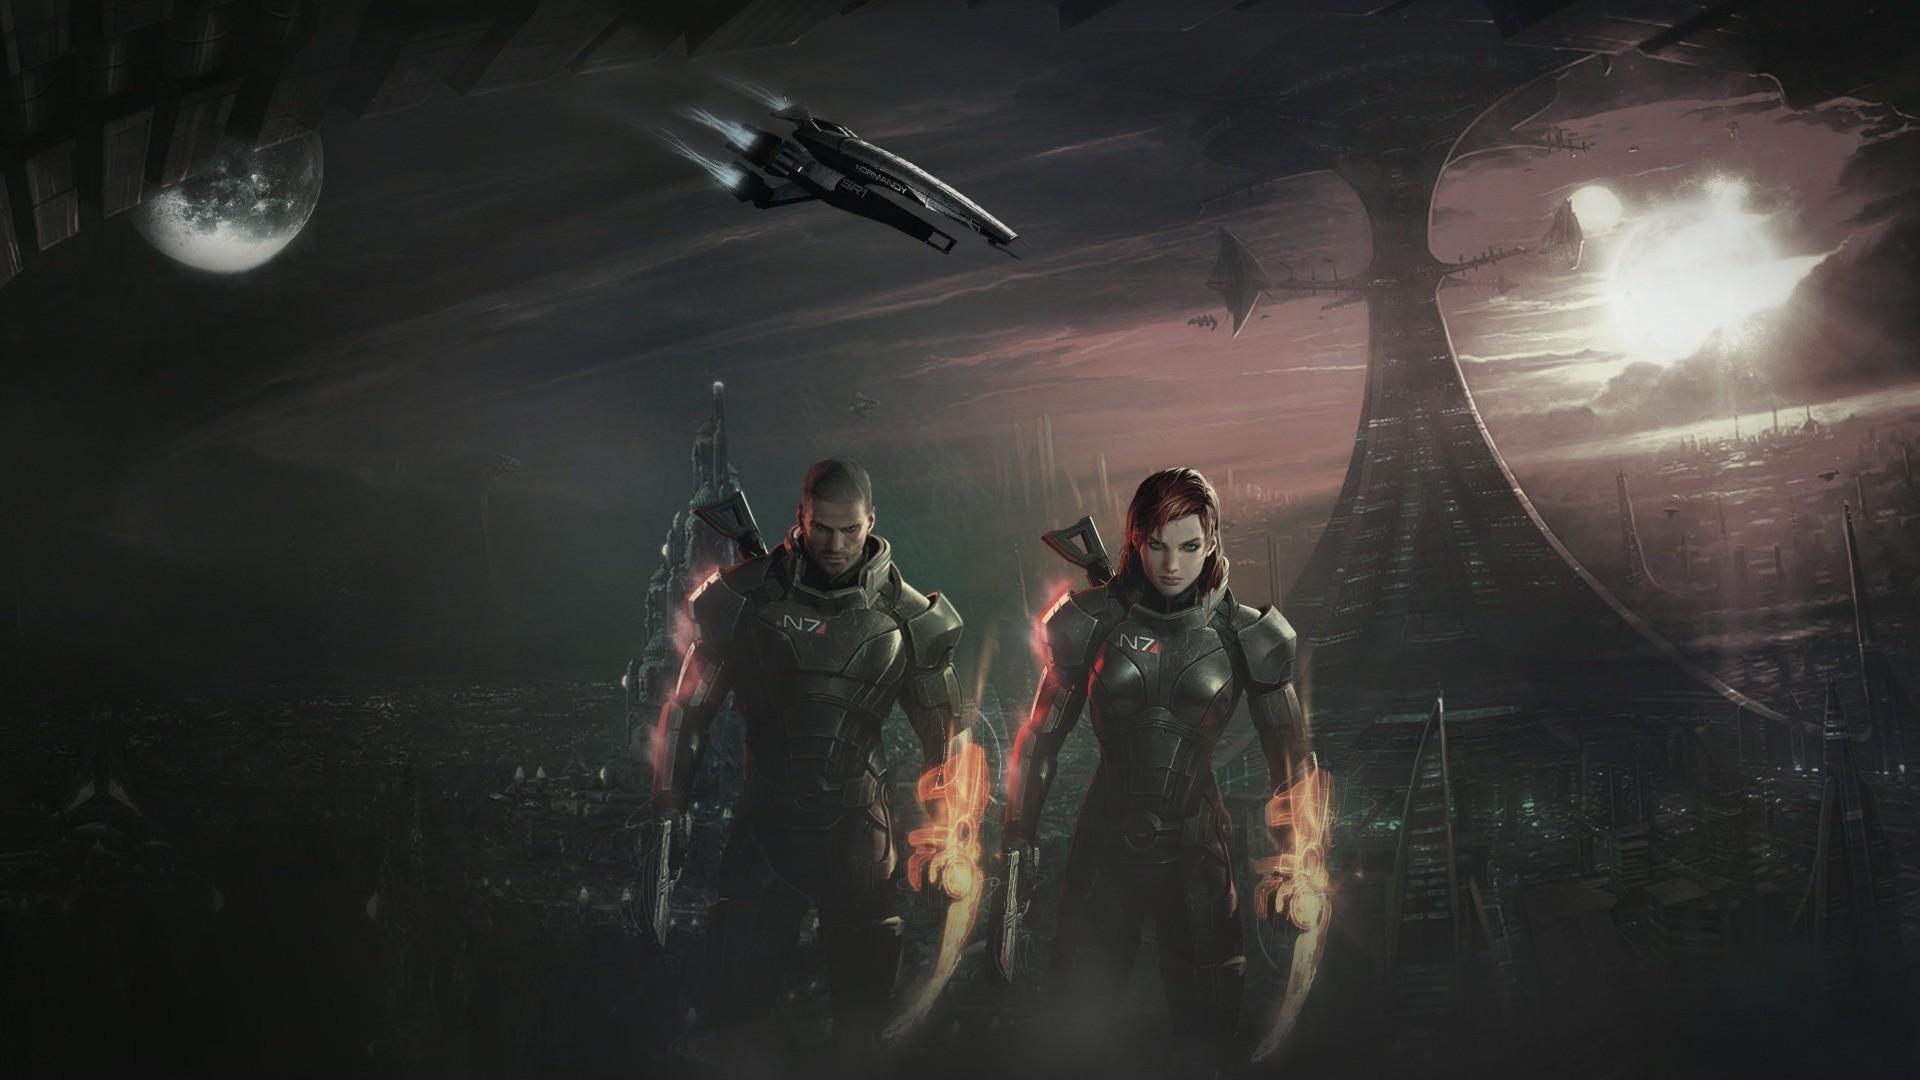 Mass Effect HD Wallpaper